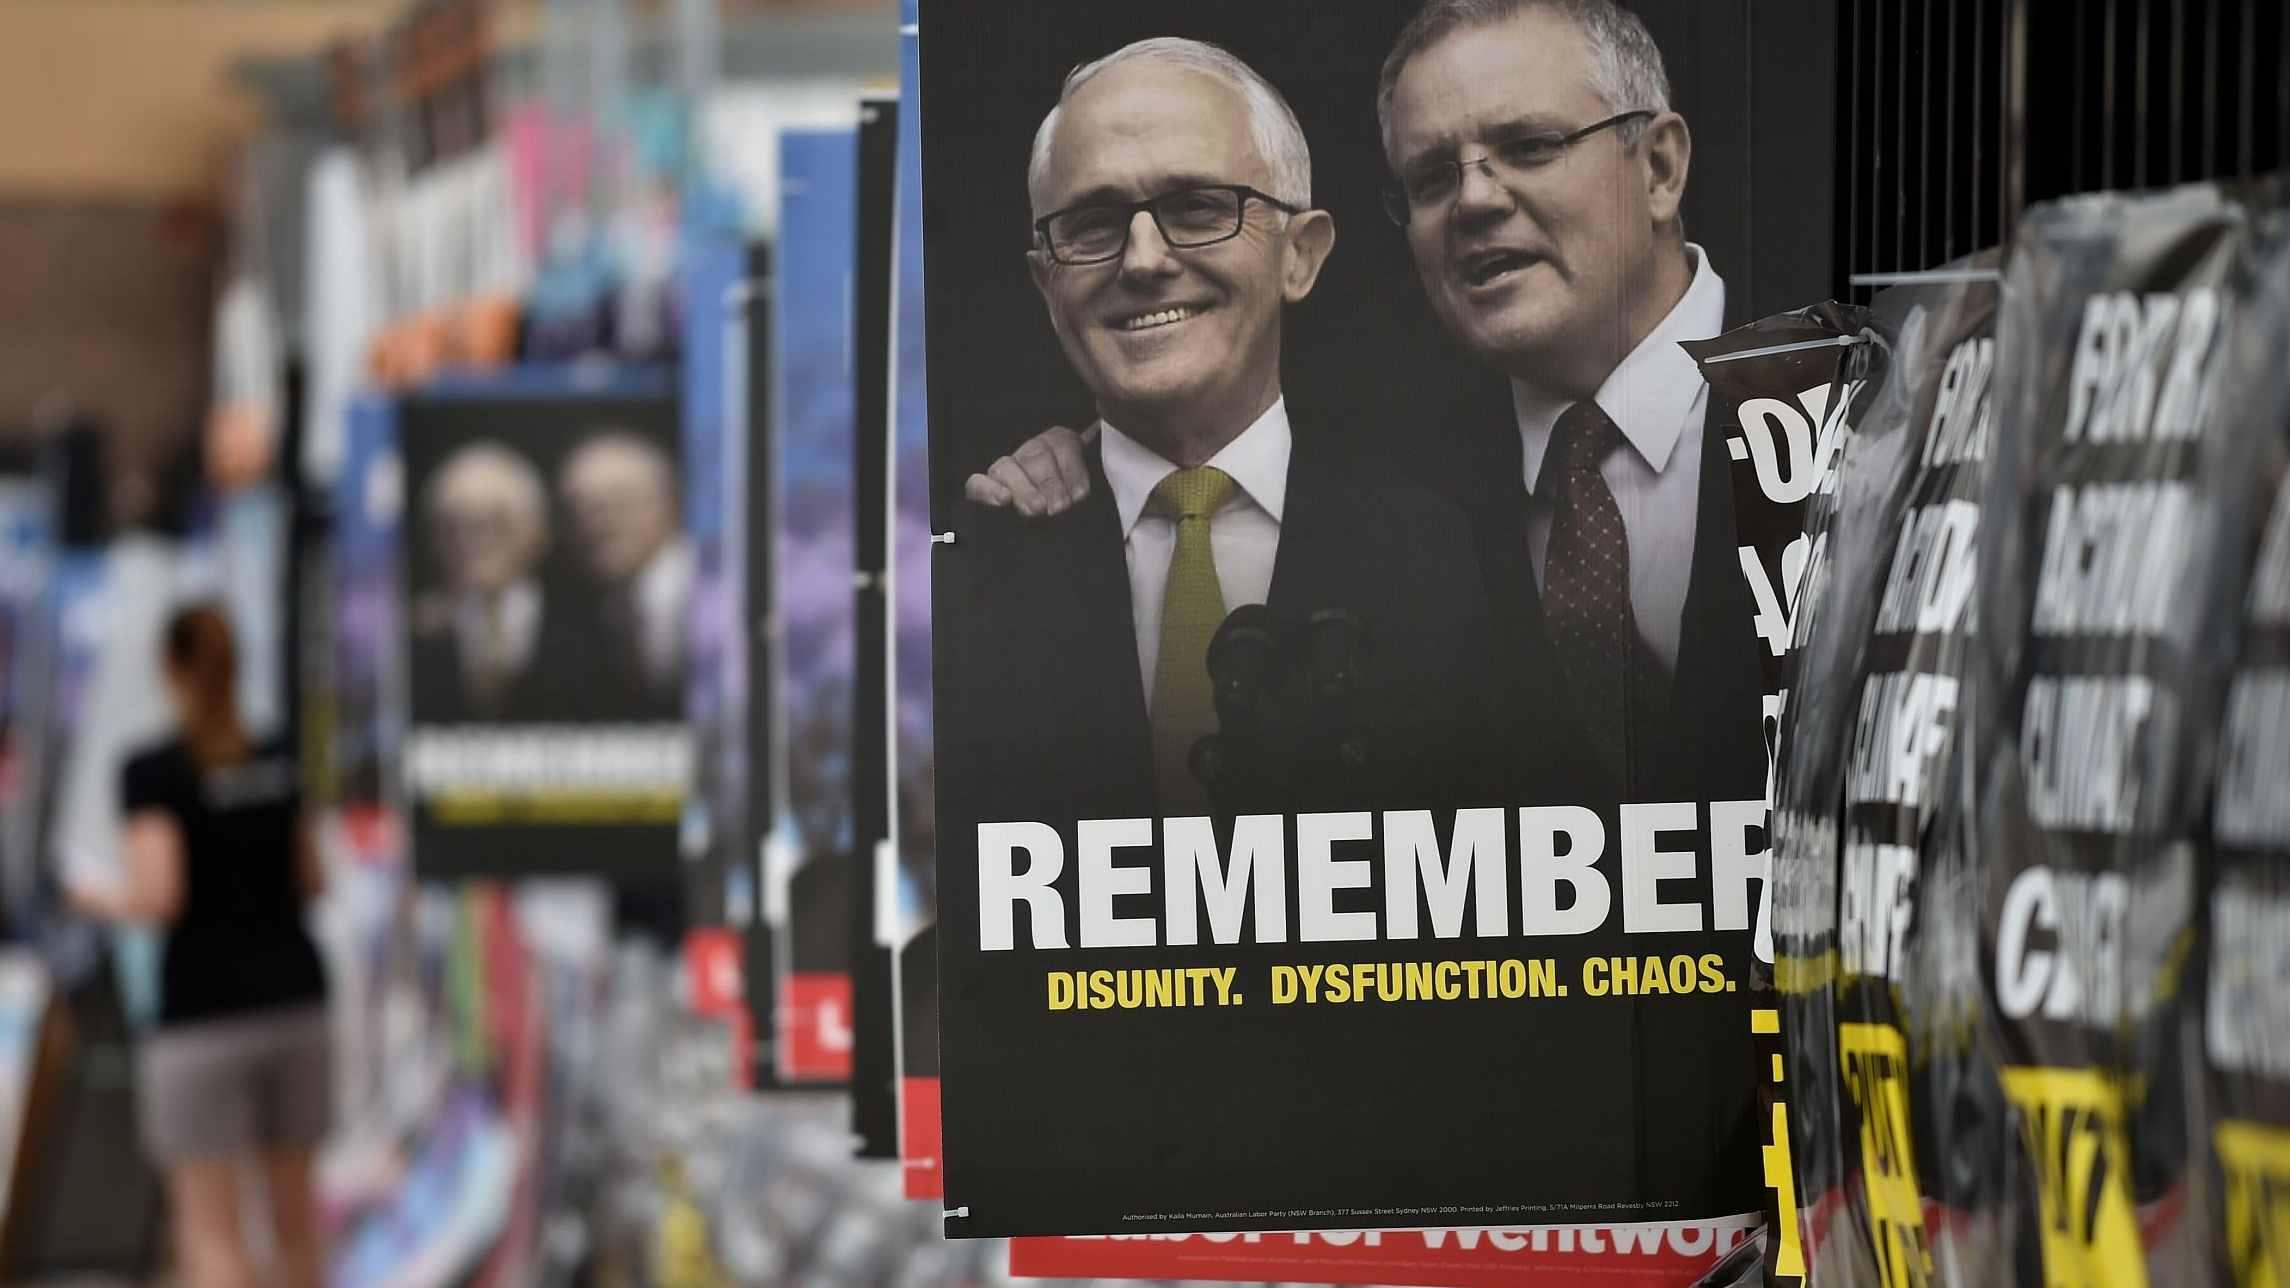 Australian gov't loses majority in key by-election